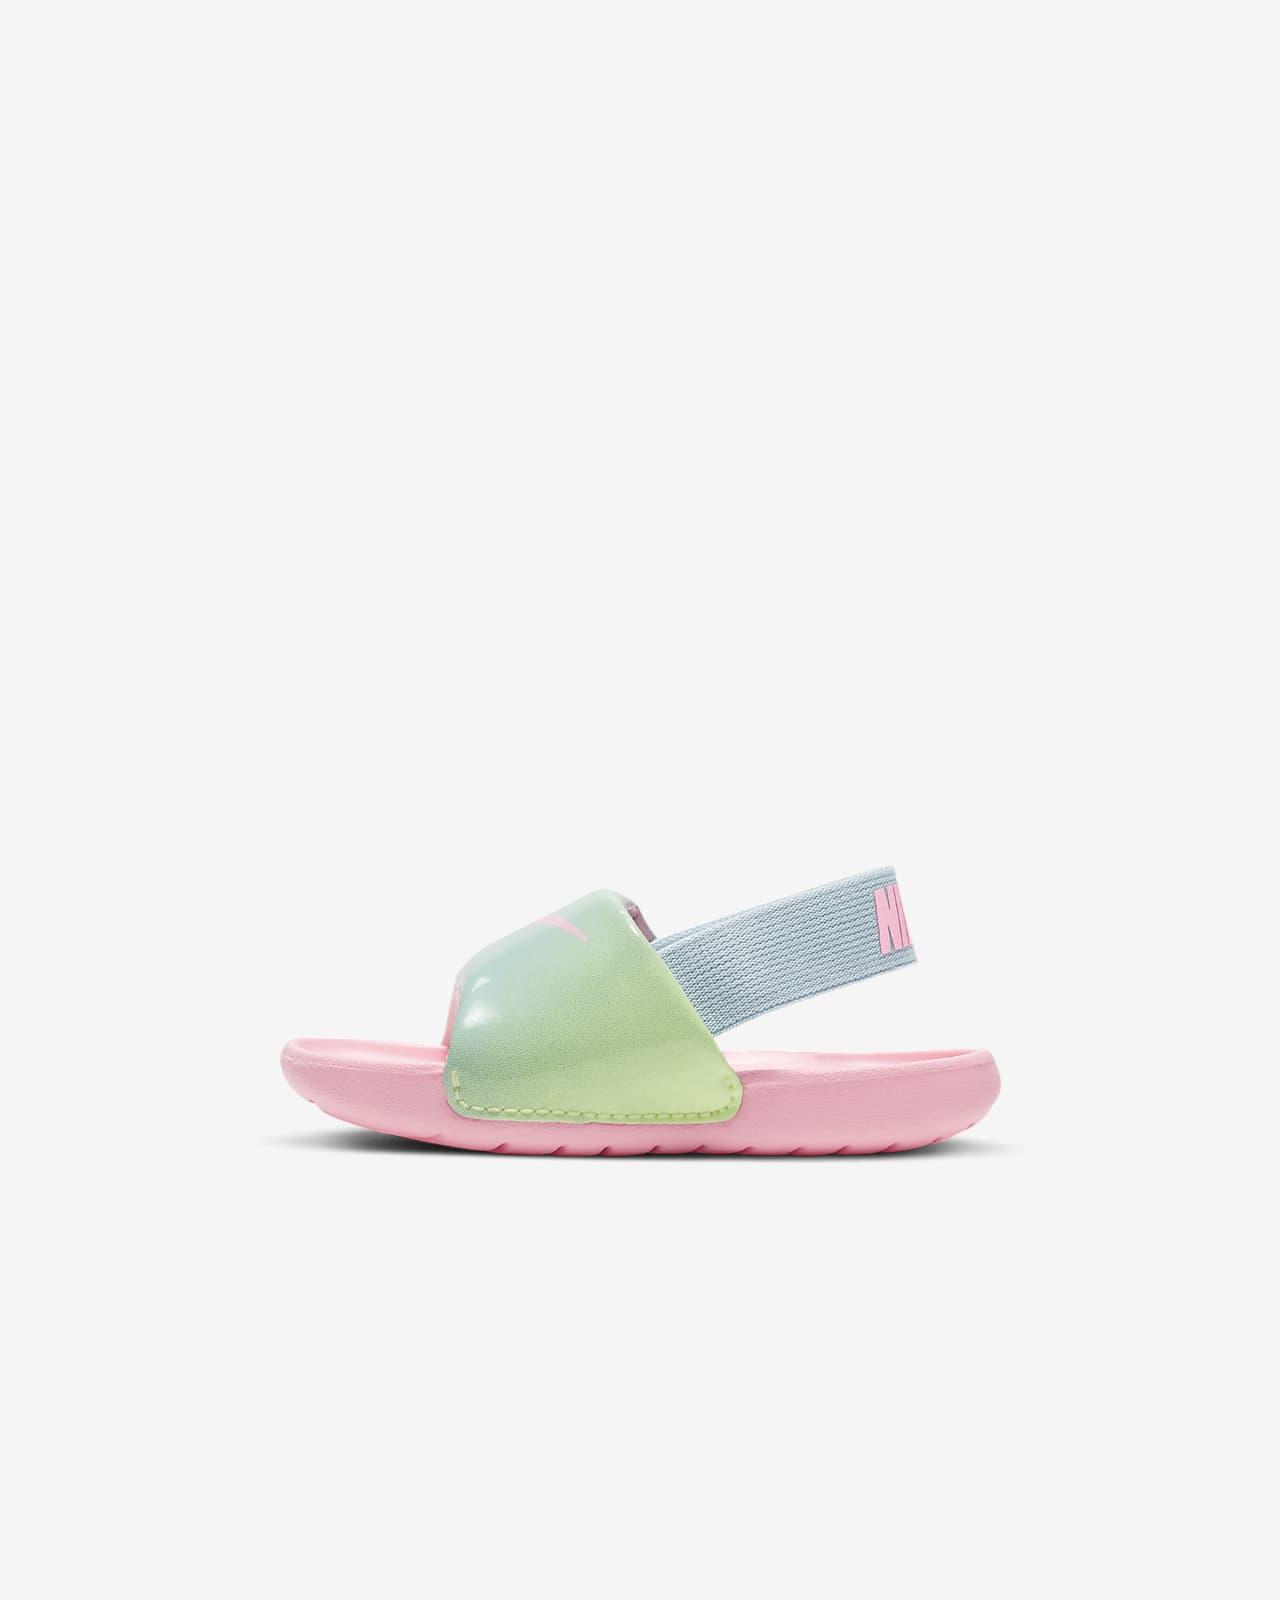 Nike Kawa SE Chanclas - Bebé e infantil